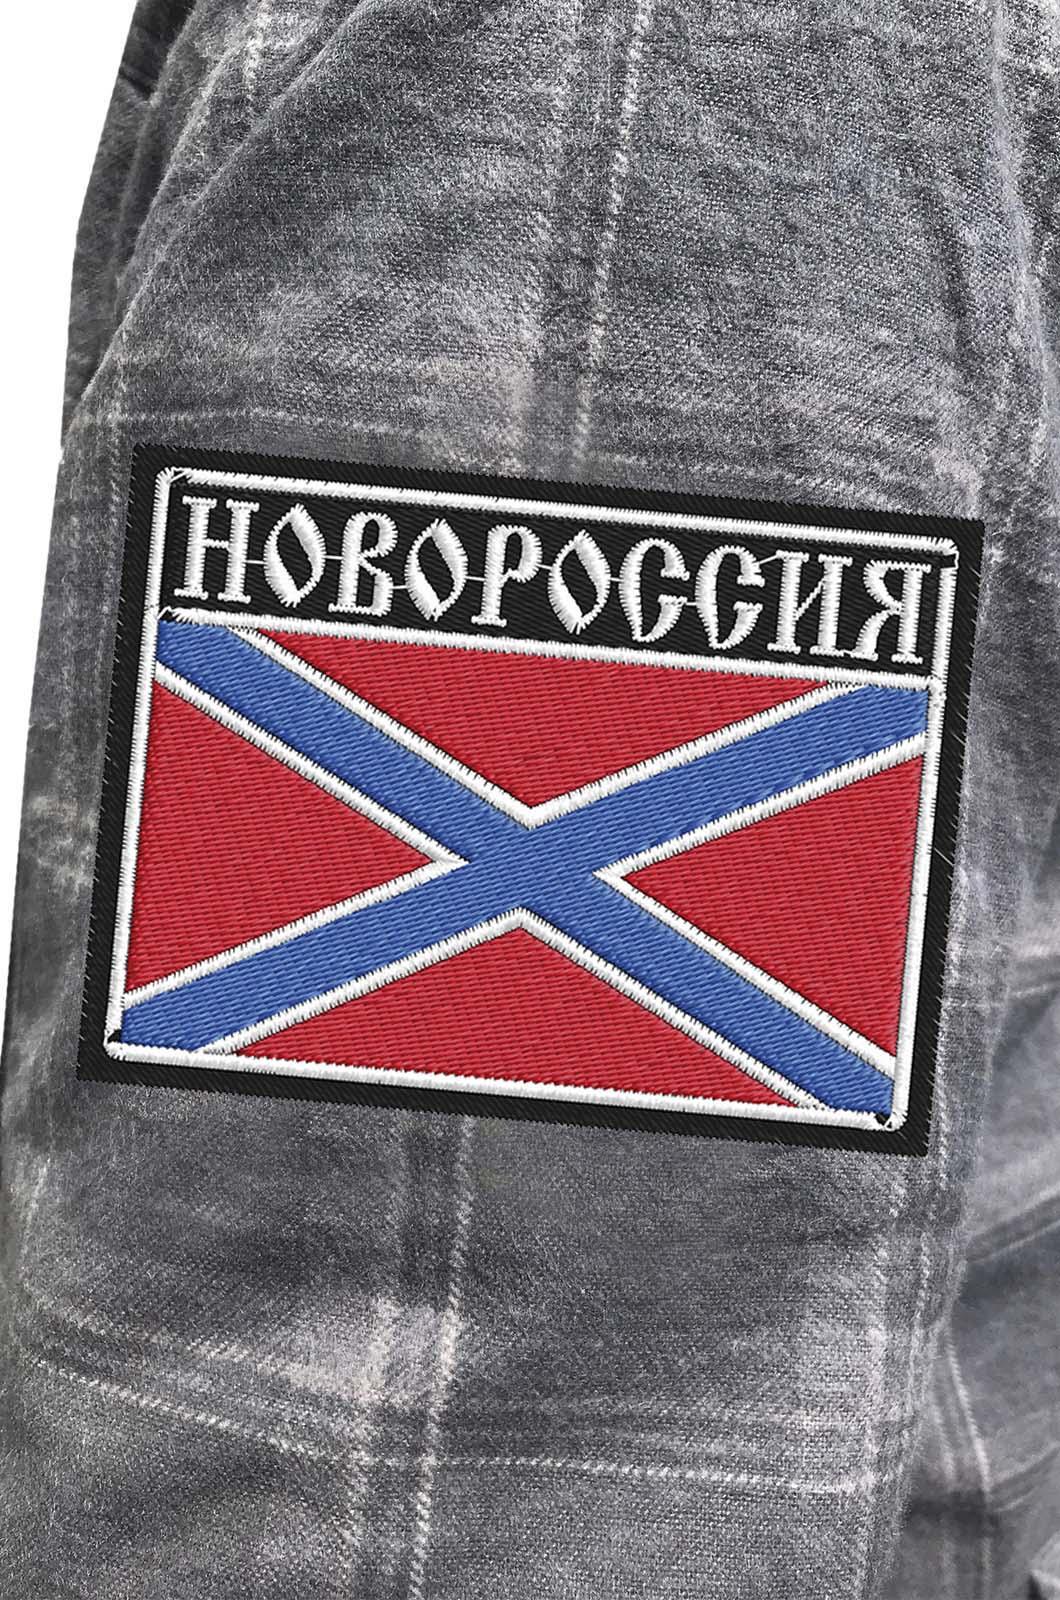 Мужская теплая рубашка с вышитым шевроном Новороссия - купить онлайн